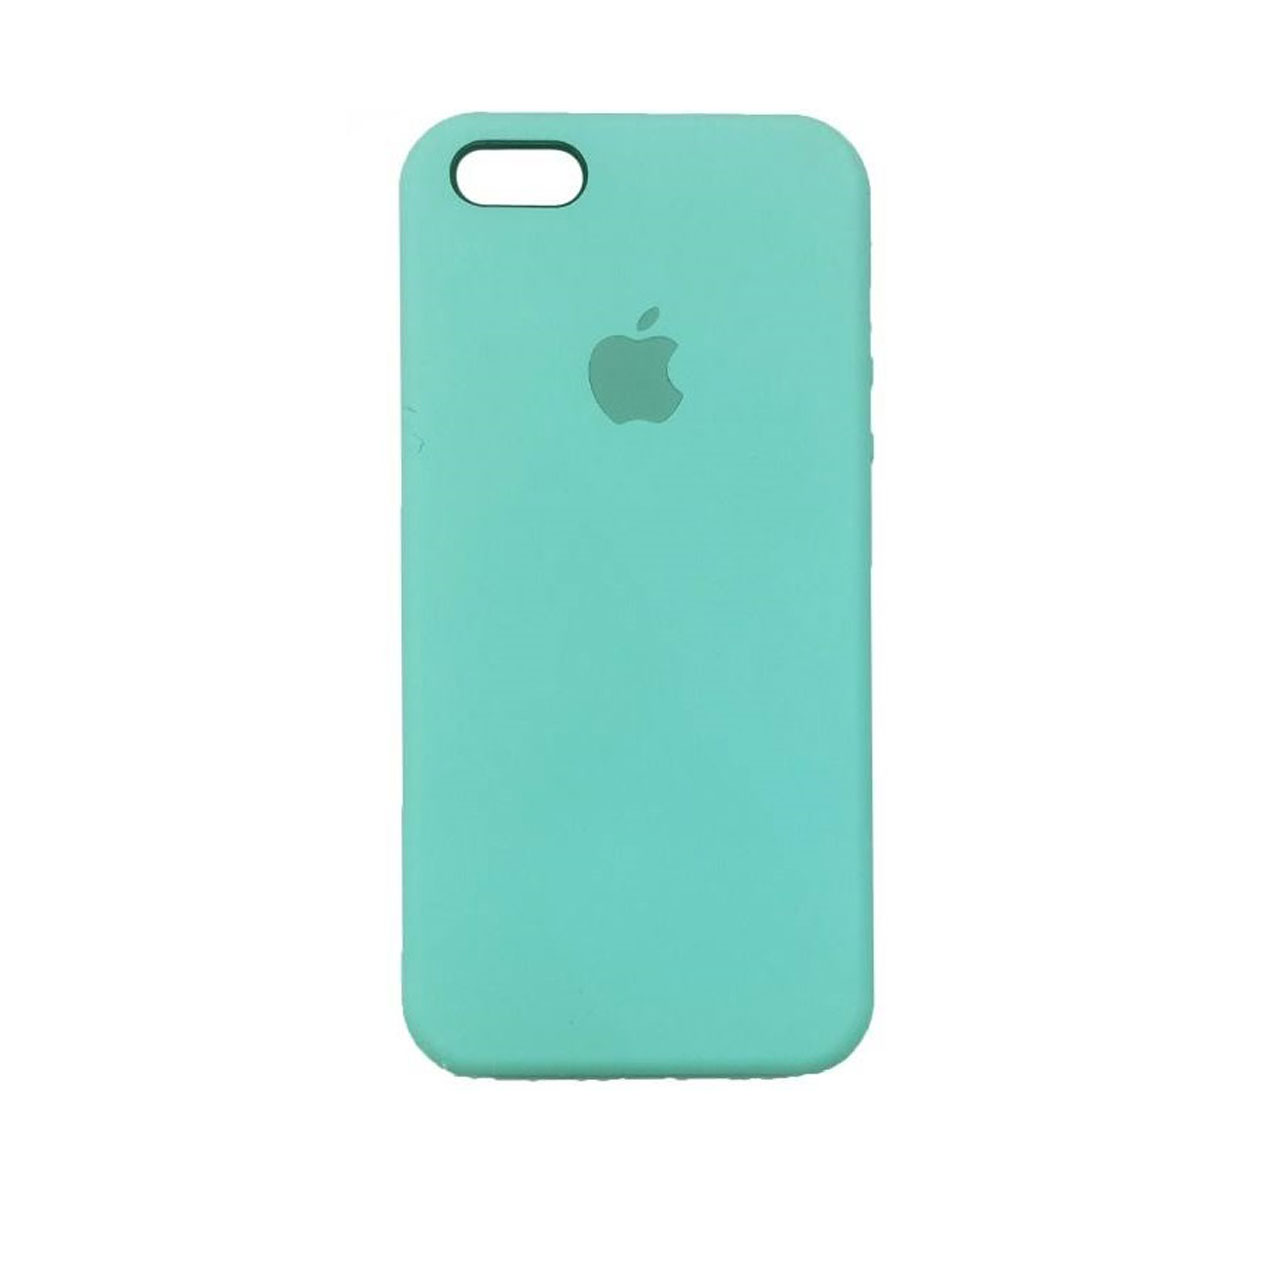 کاور سیلیکونی مدل M330 مناسب برای گوشی موبایل اپل iPhone 7                     غیر اصل